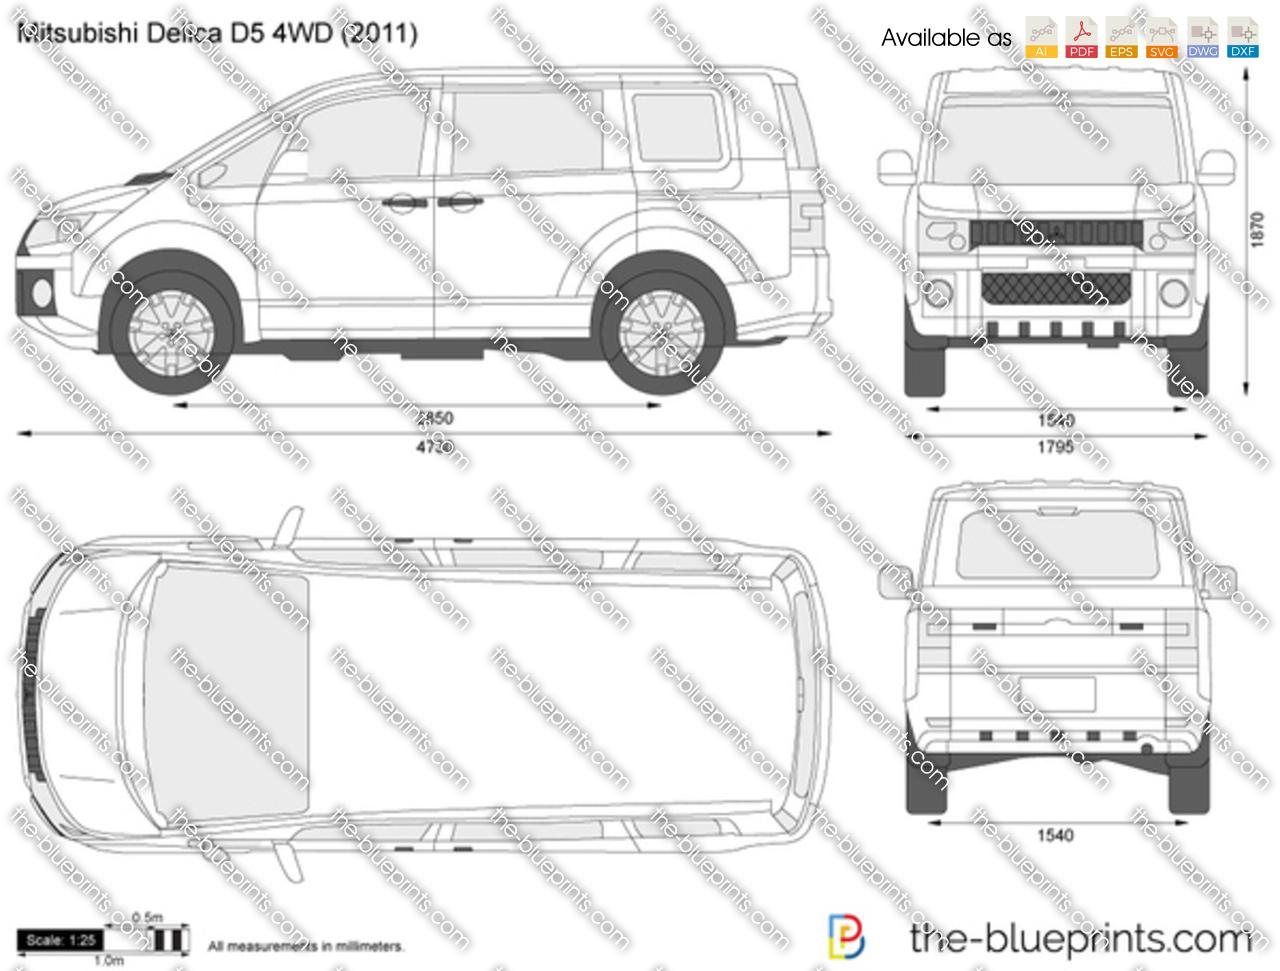 Mitsubishi Delica D5 4WD